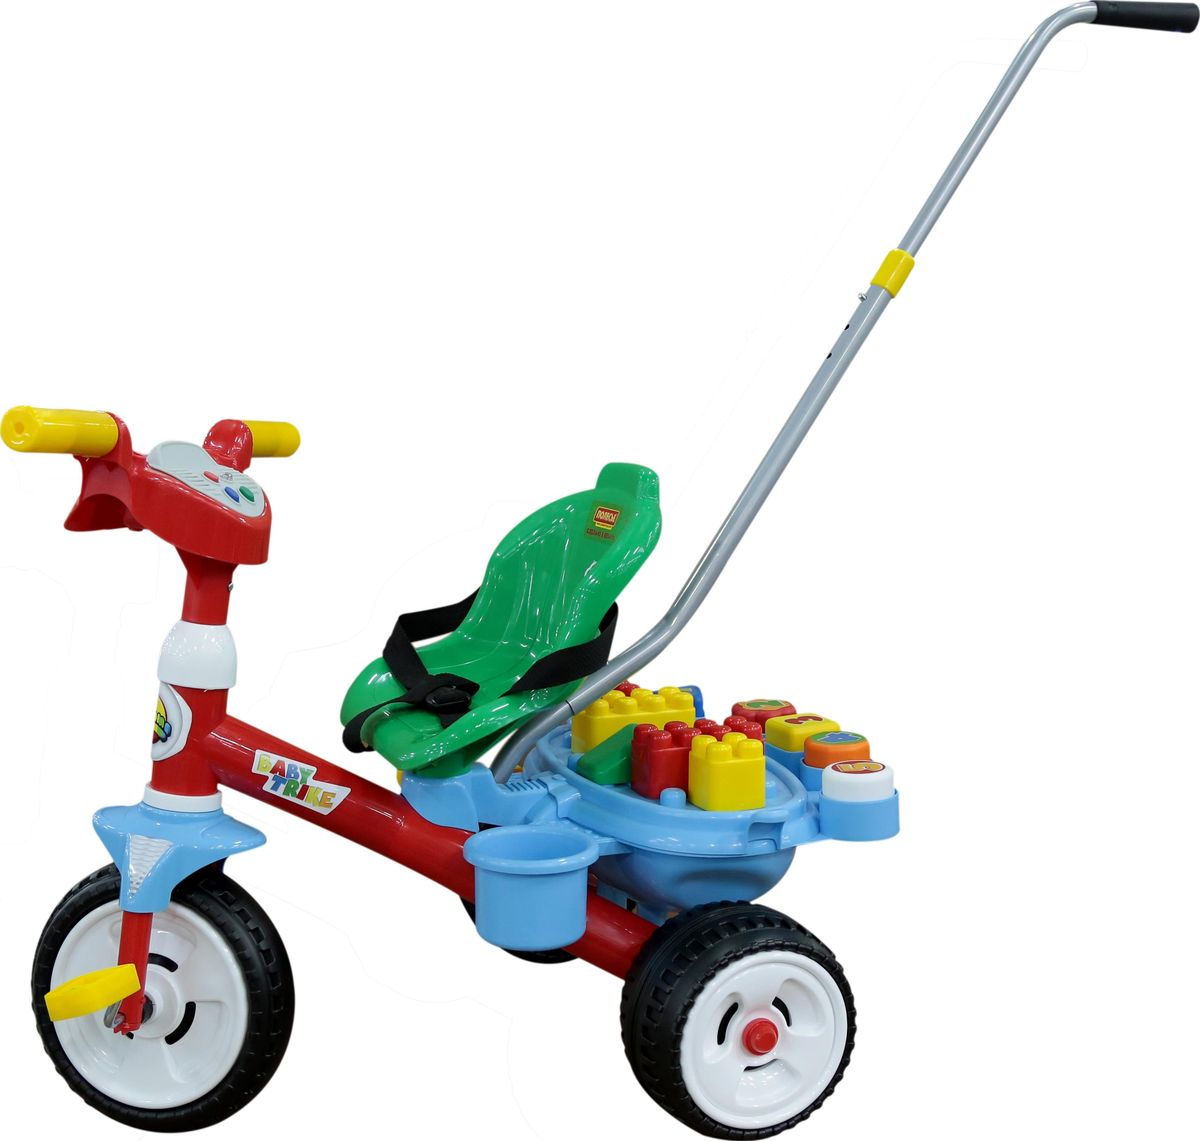 Полесье Велосипед трехколесный Беби Трайк, 46796, цвет в ассортименте